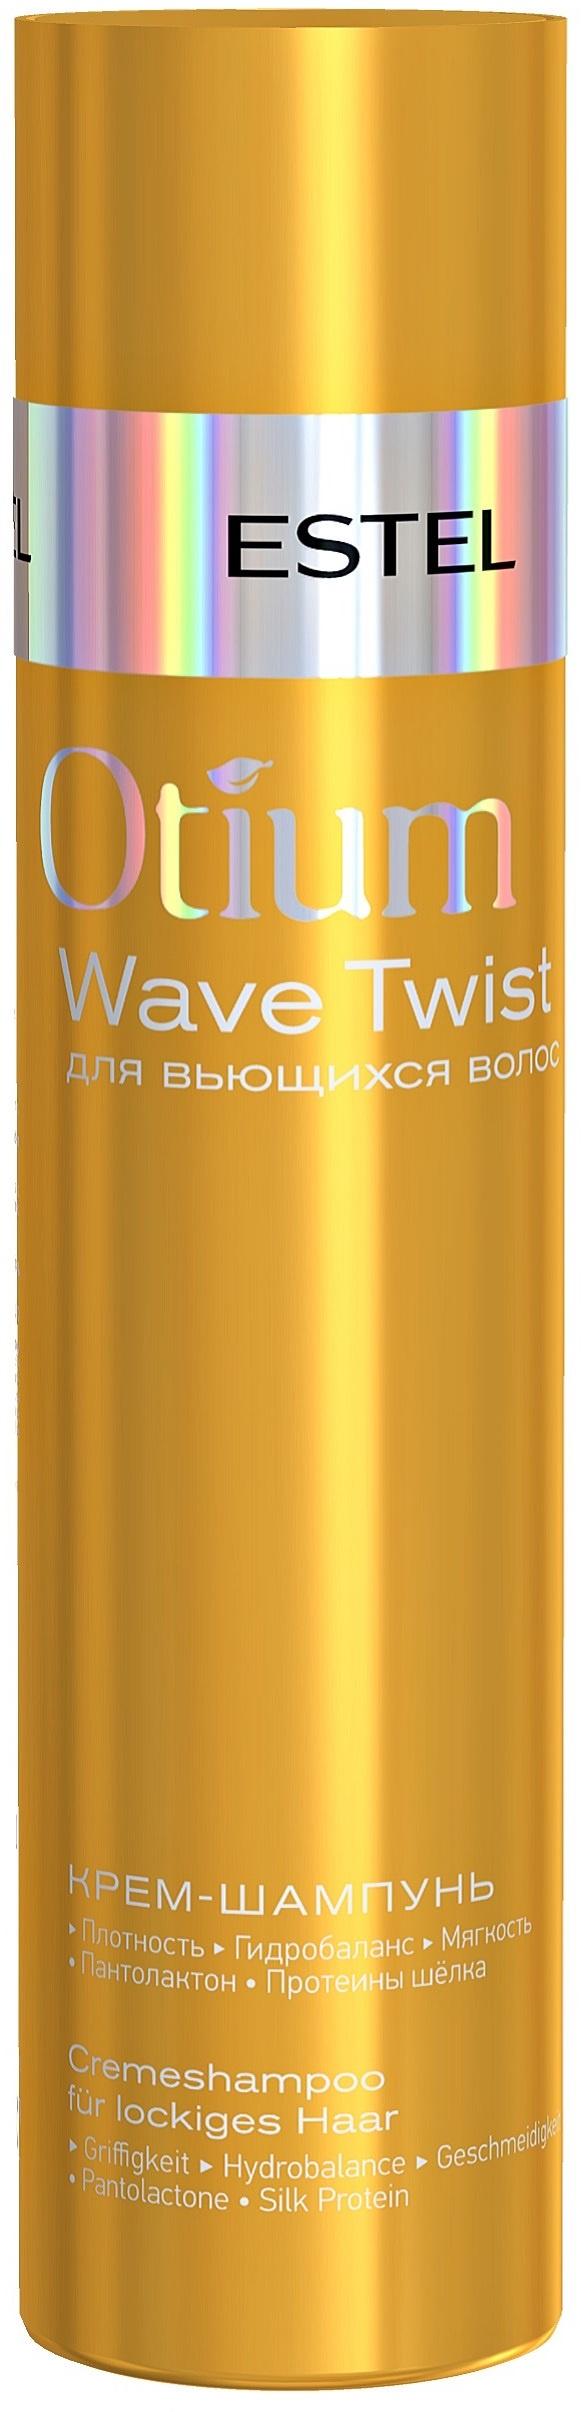 Шампунь для волос ESTEL PROFESSIONAL OTM.1OTM.1Обеспечивает плотность локонов, мягкость, увлажнение и естественный блеск. Эффект достигается за счет пантолактона и протеинов шелка в формуле продукта. Идеально подходит для вьющихся от природы и химически завитых волос. Обладает экзотичным и темпераментным ароматом с нотами розового перца, личи, малины, амбры и меда.